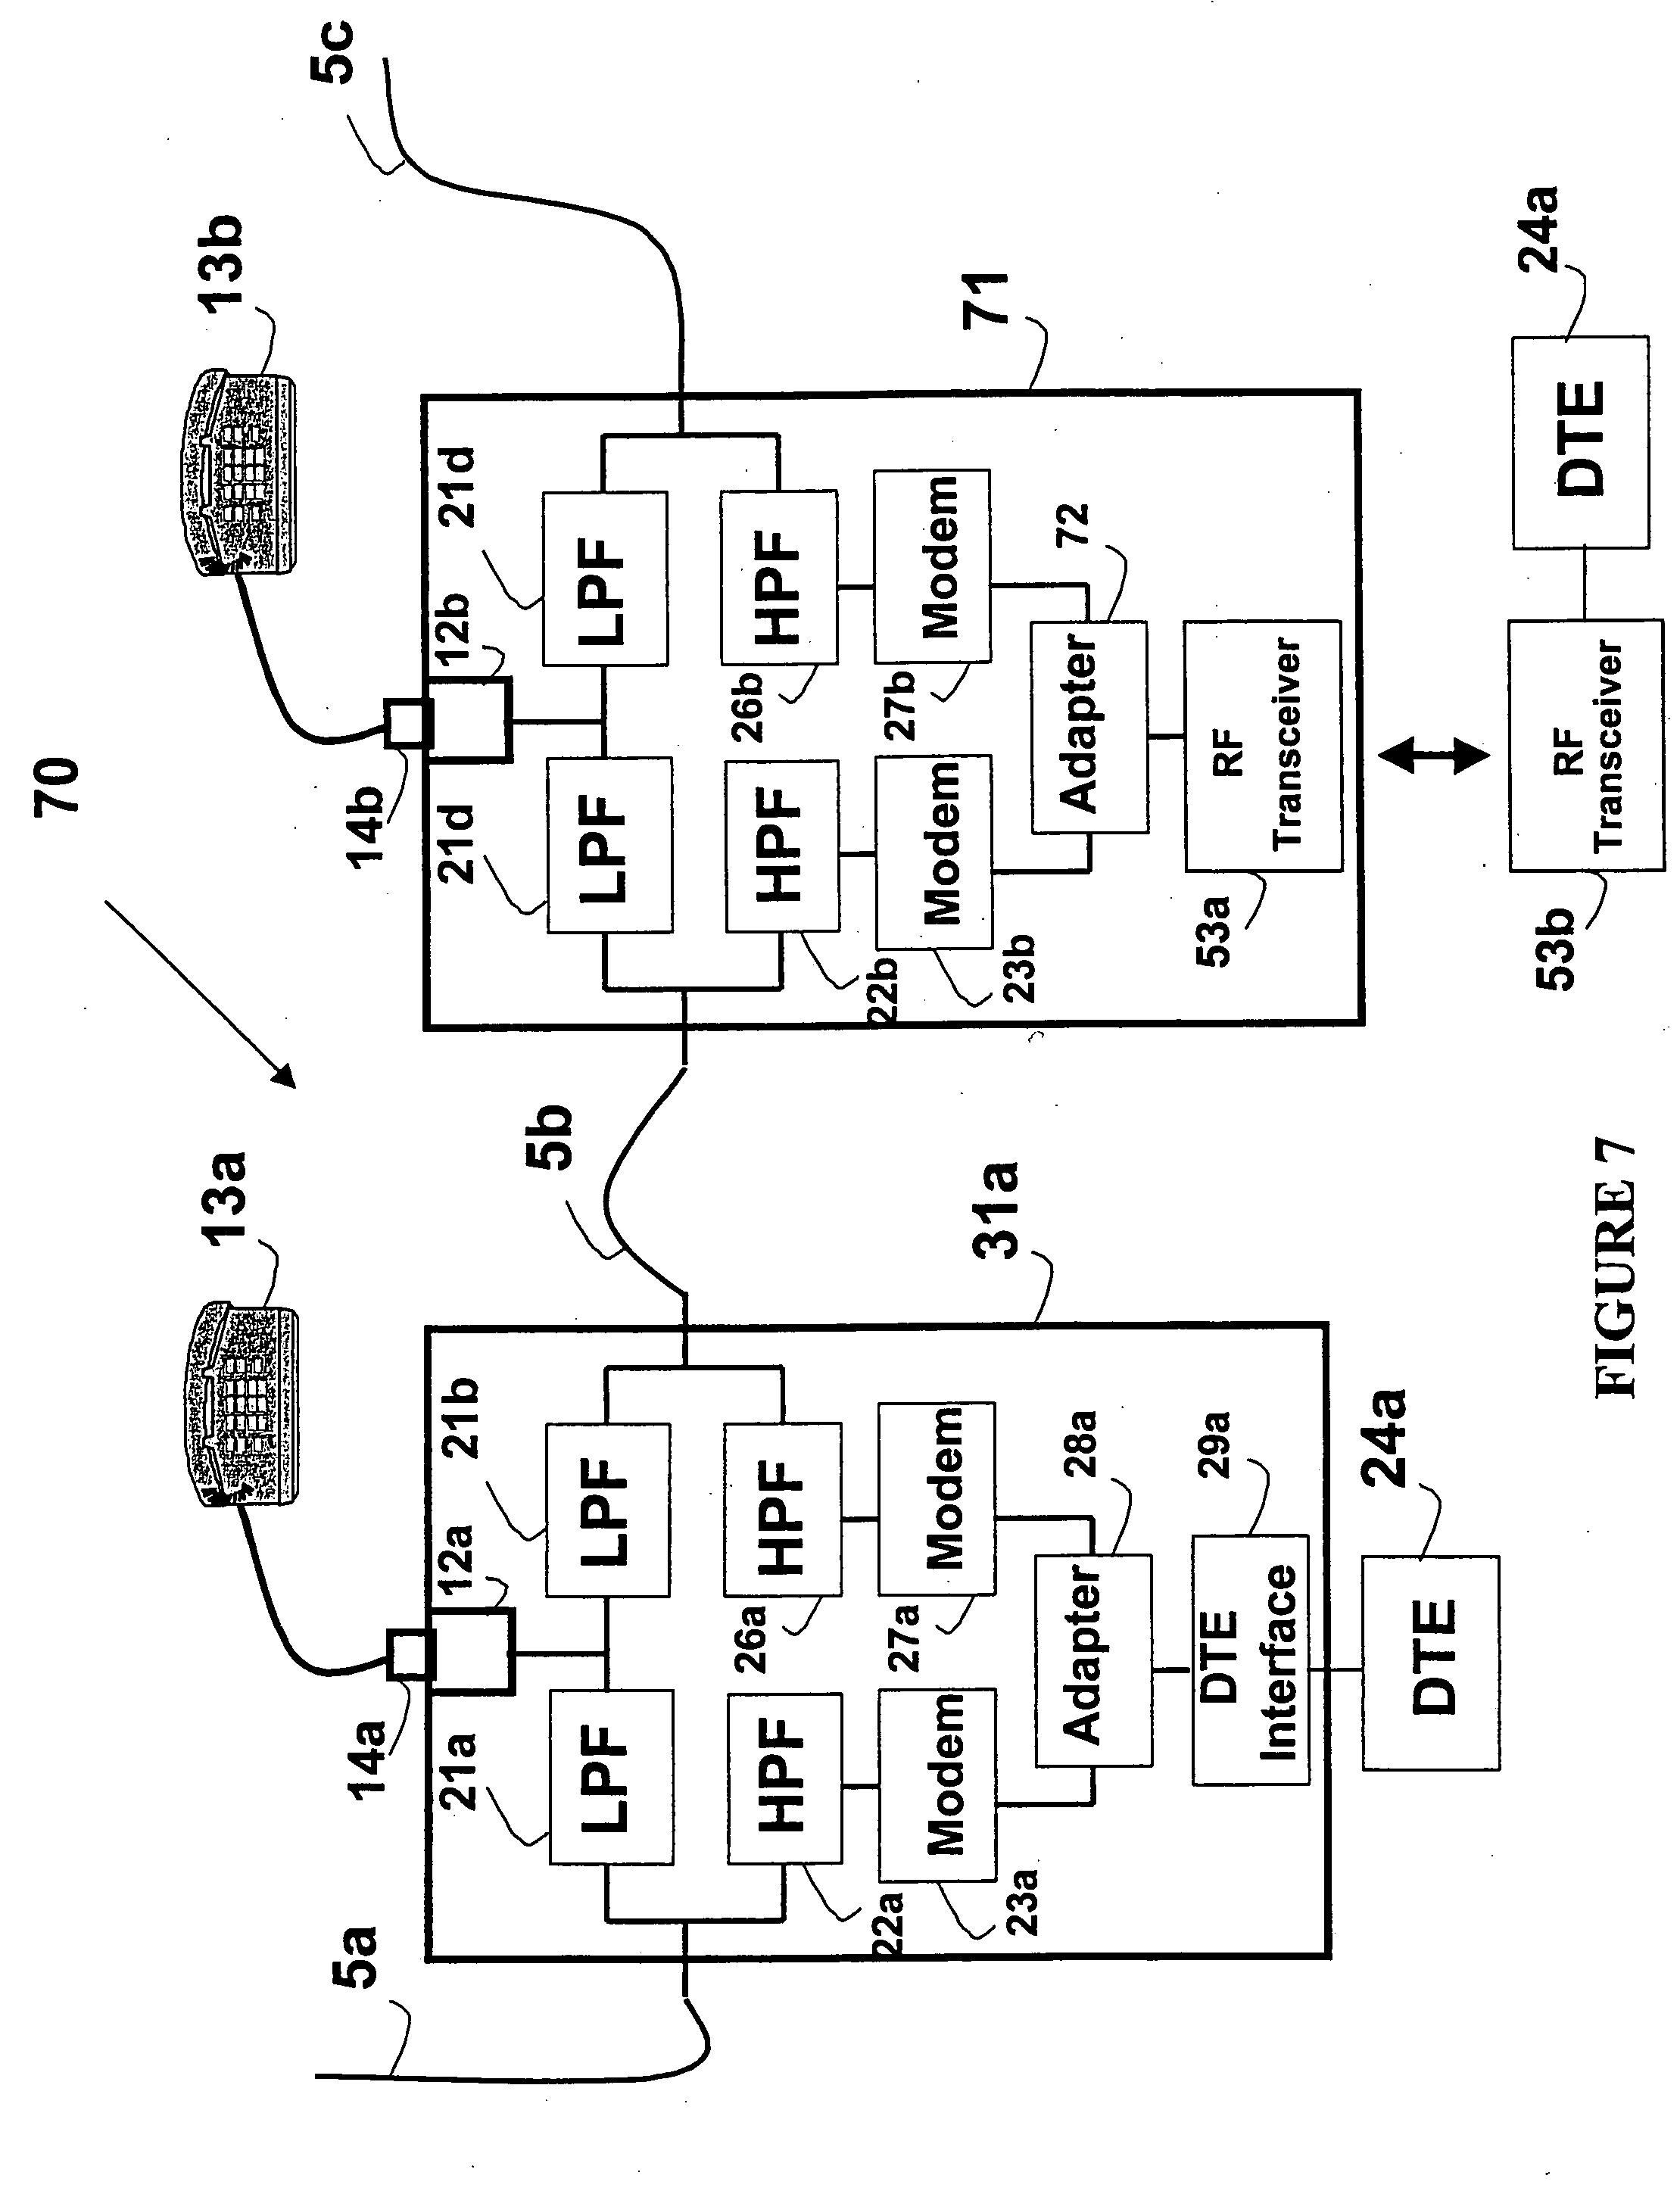 patent us20050259691